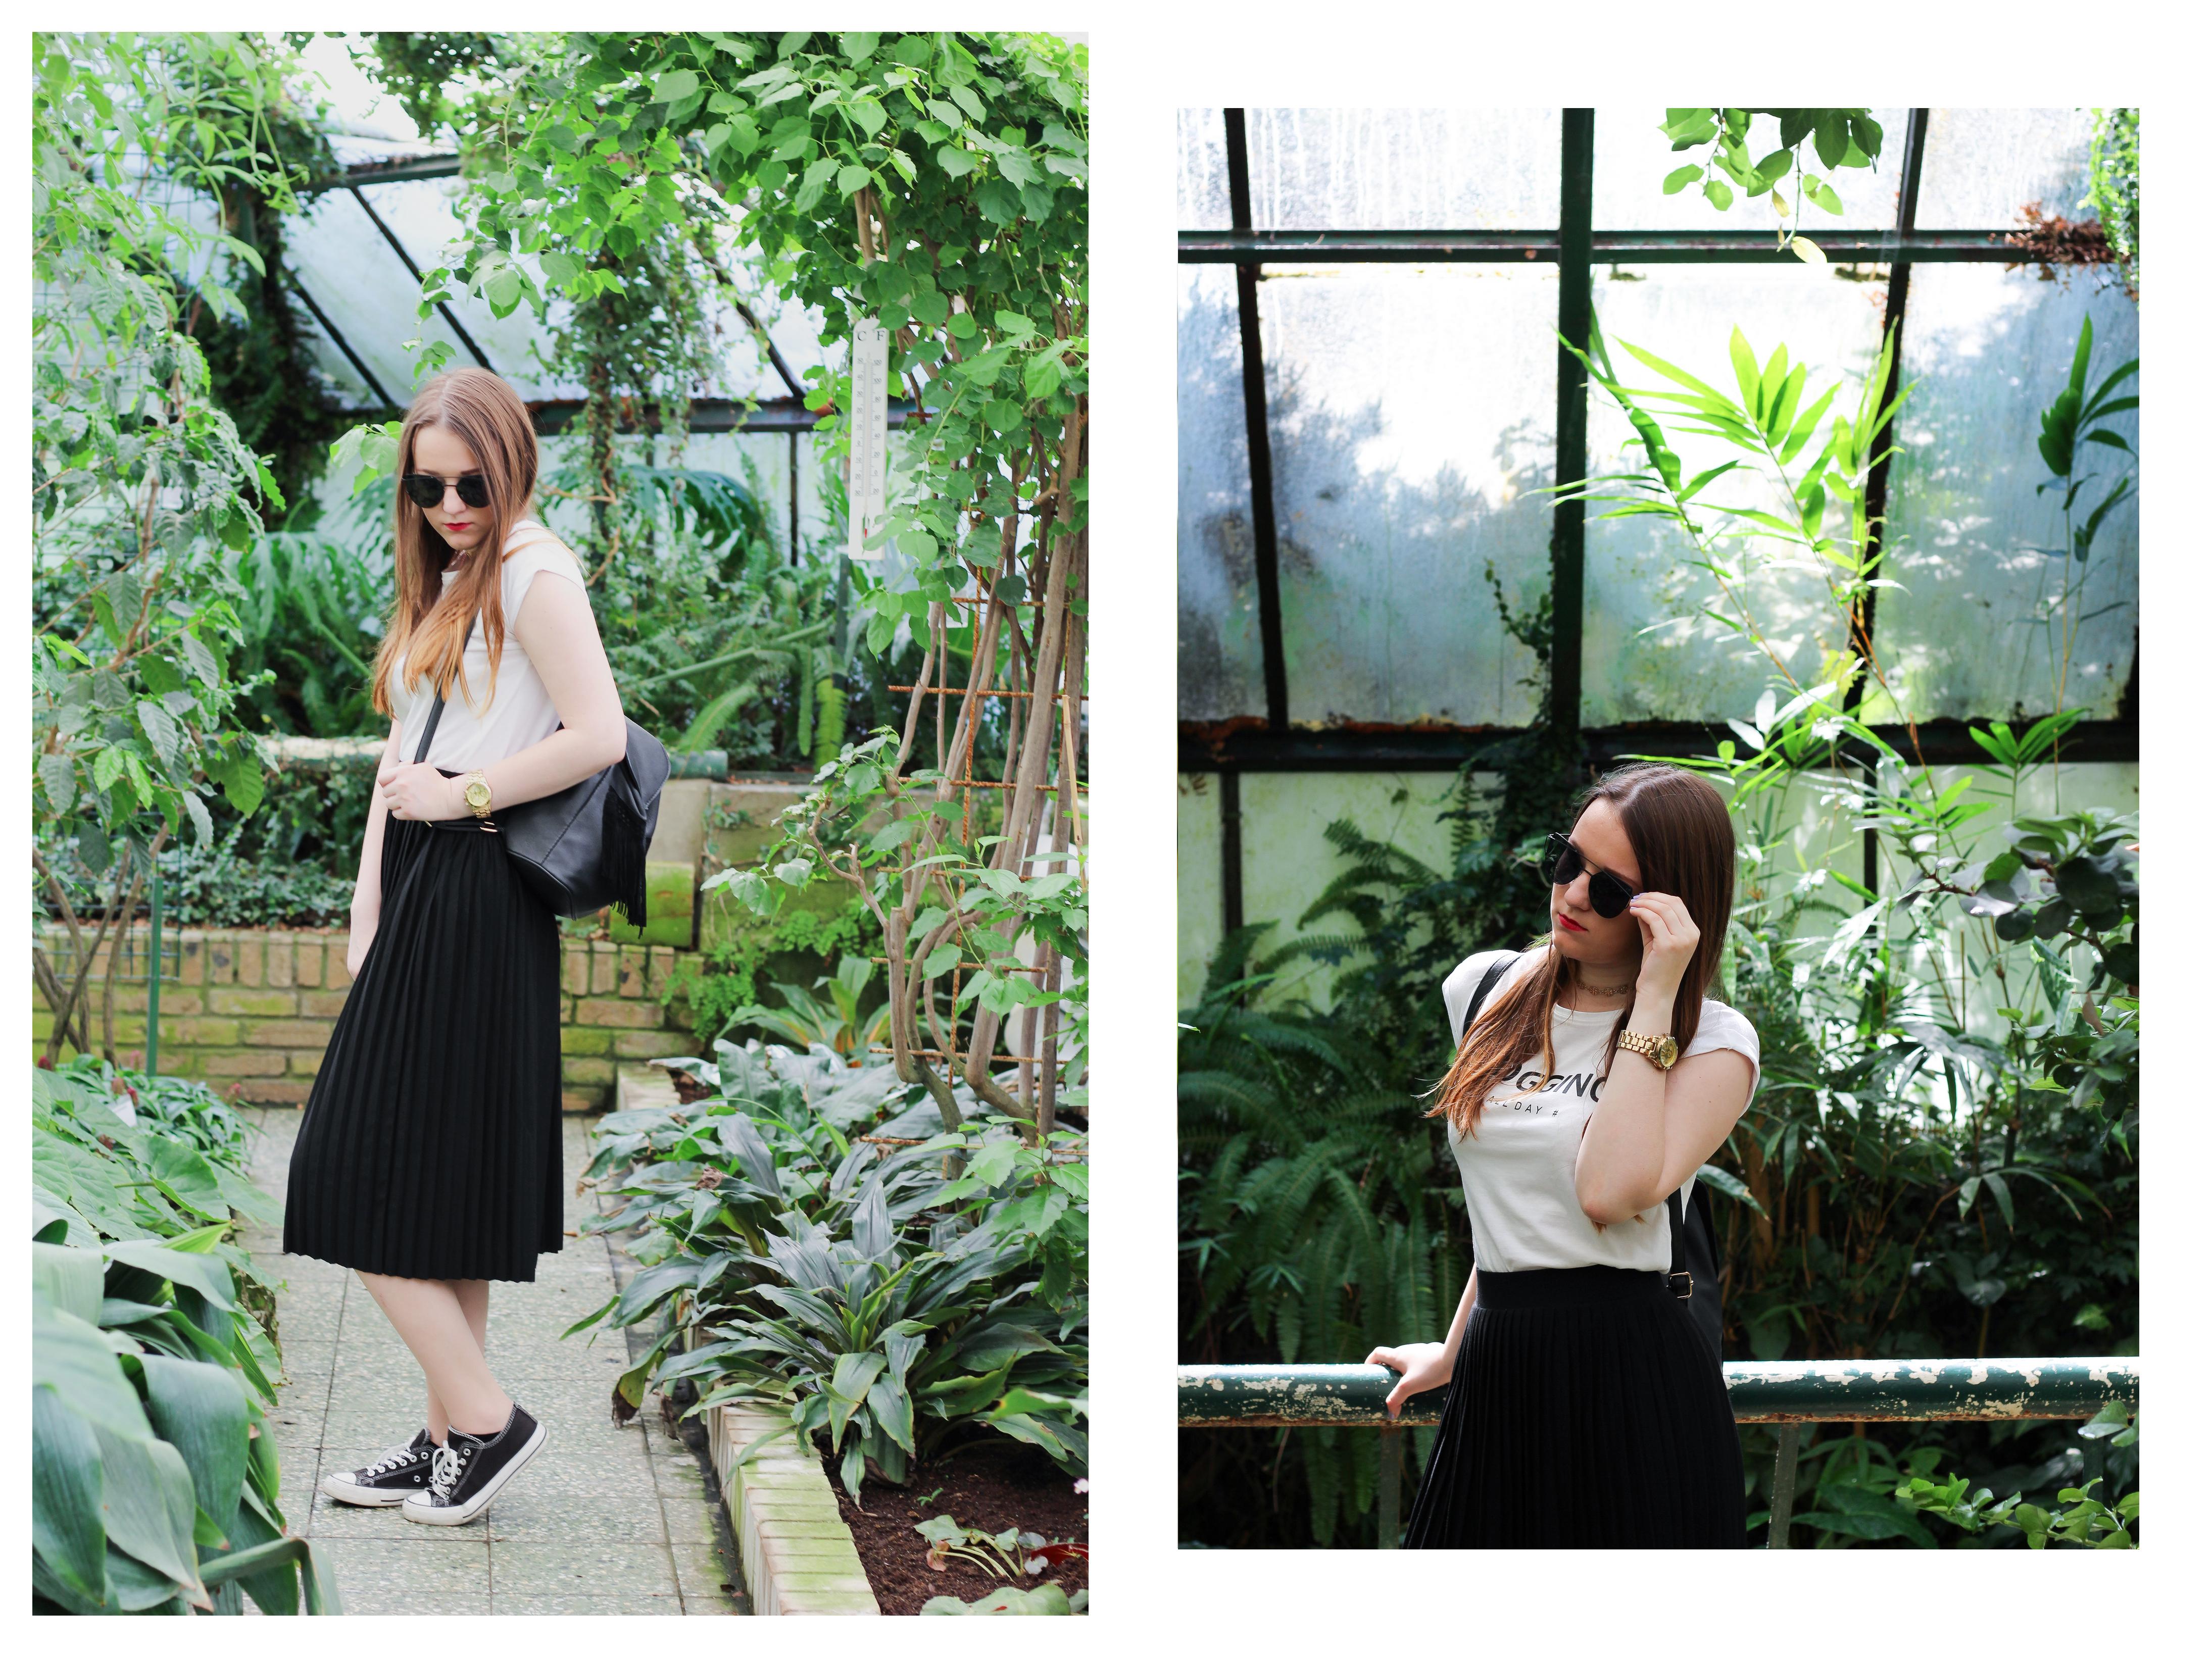 botanic garden girl blogger